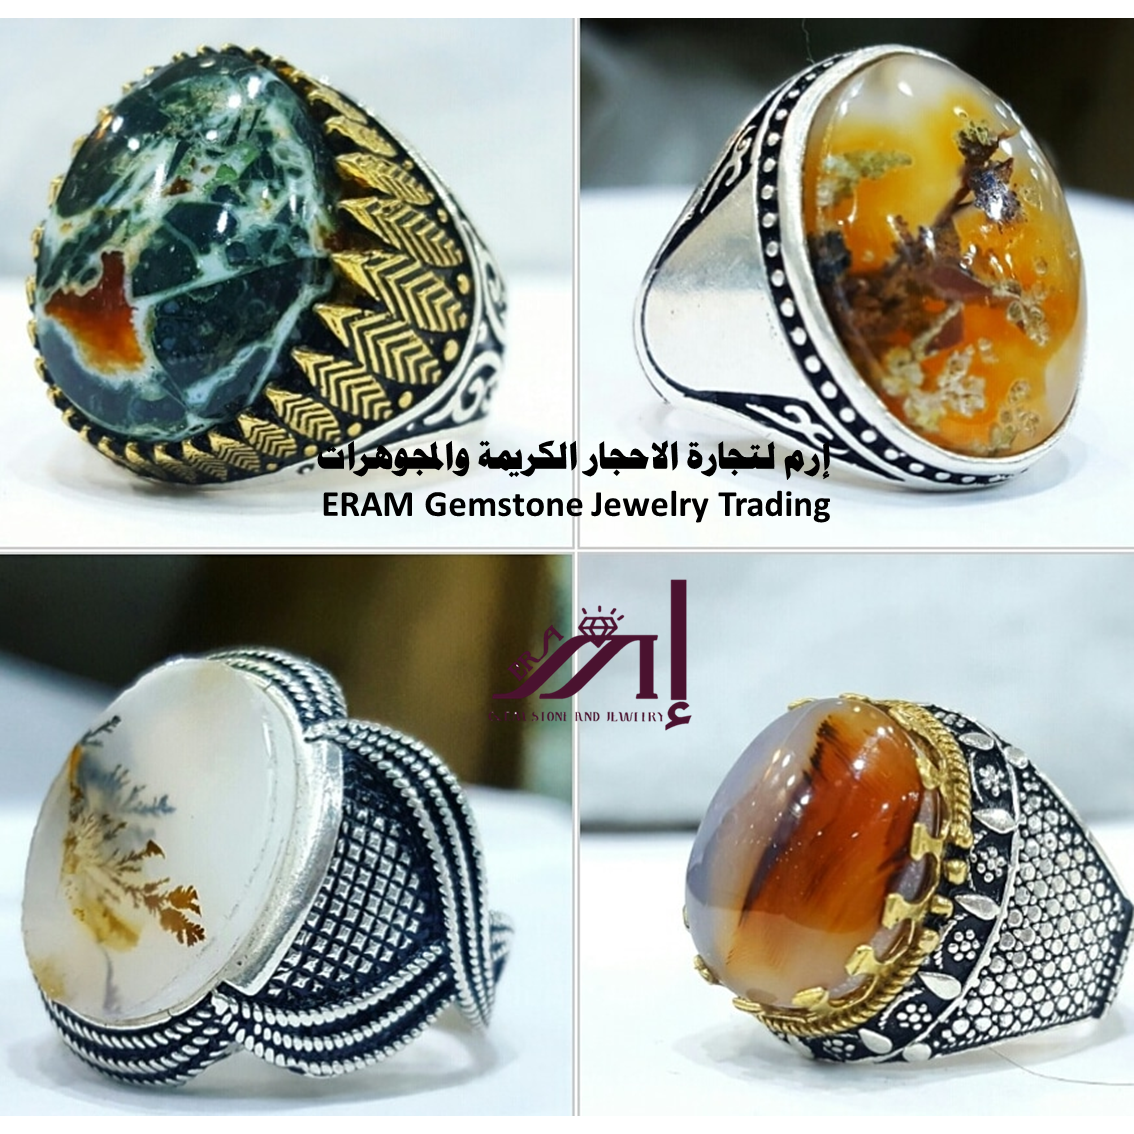 من اجمل العقيق المصور والمشجر والمزهر والطحلبي خاتم عقيق يمني Agate مميز طبيعي100 للعرض Gemstone Jewelry Gemstones Gemstone Rings